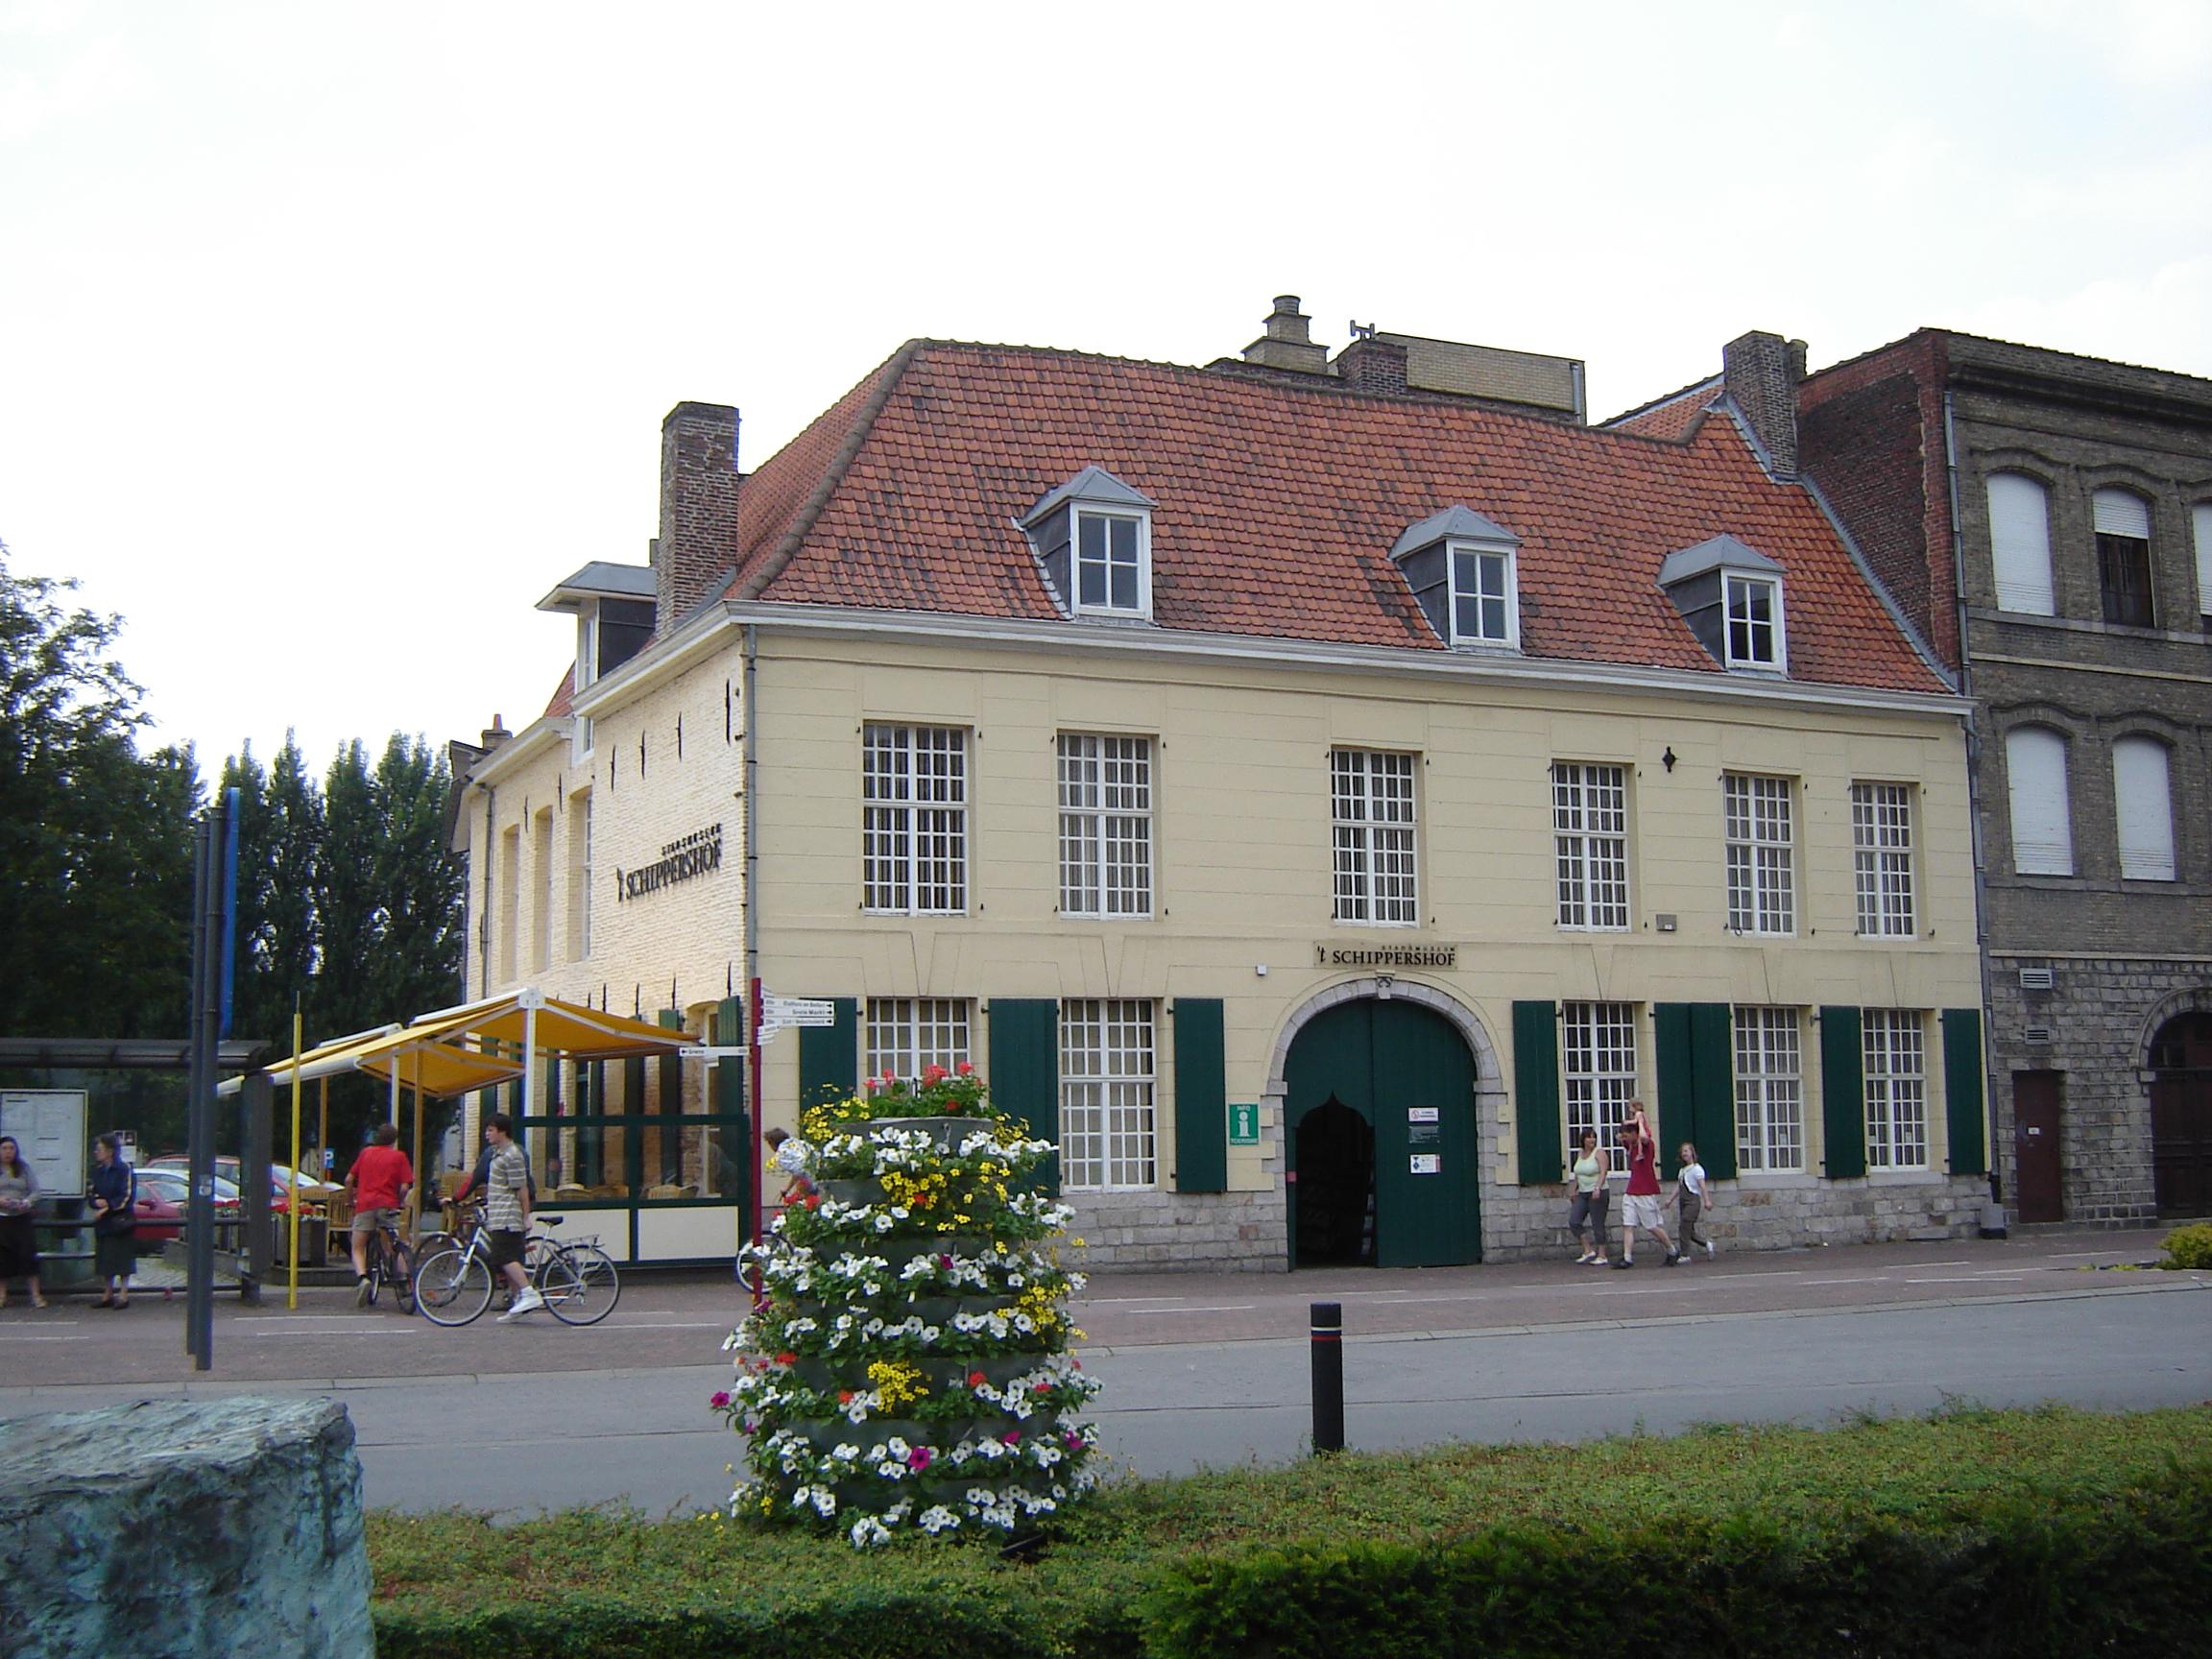 Museum Stadsmuseum 't Schippershof